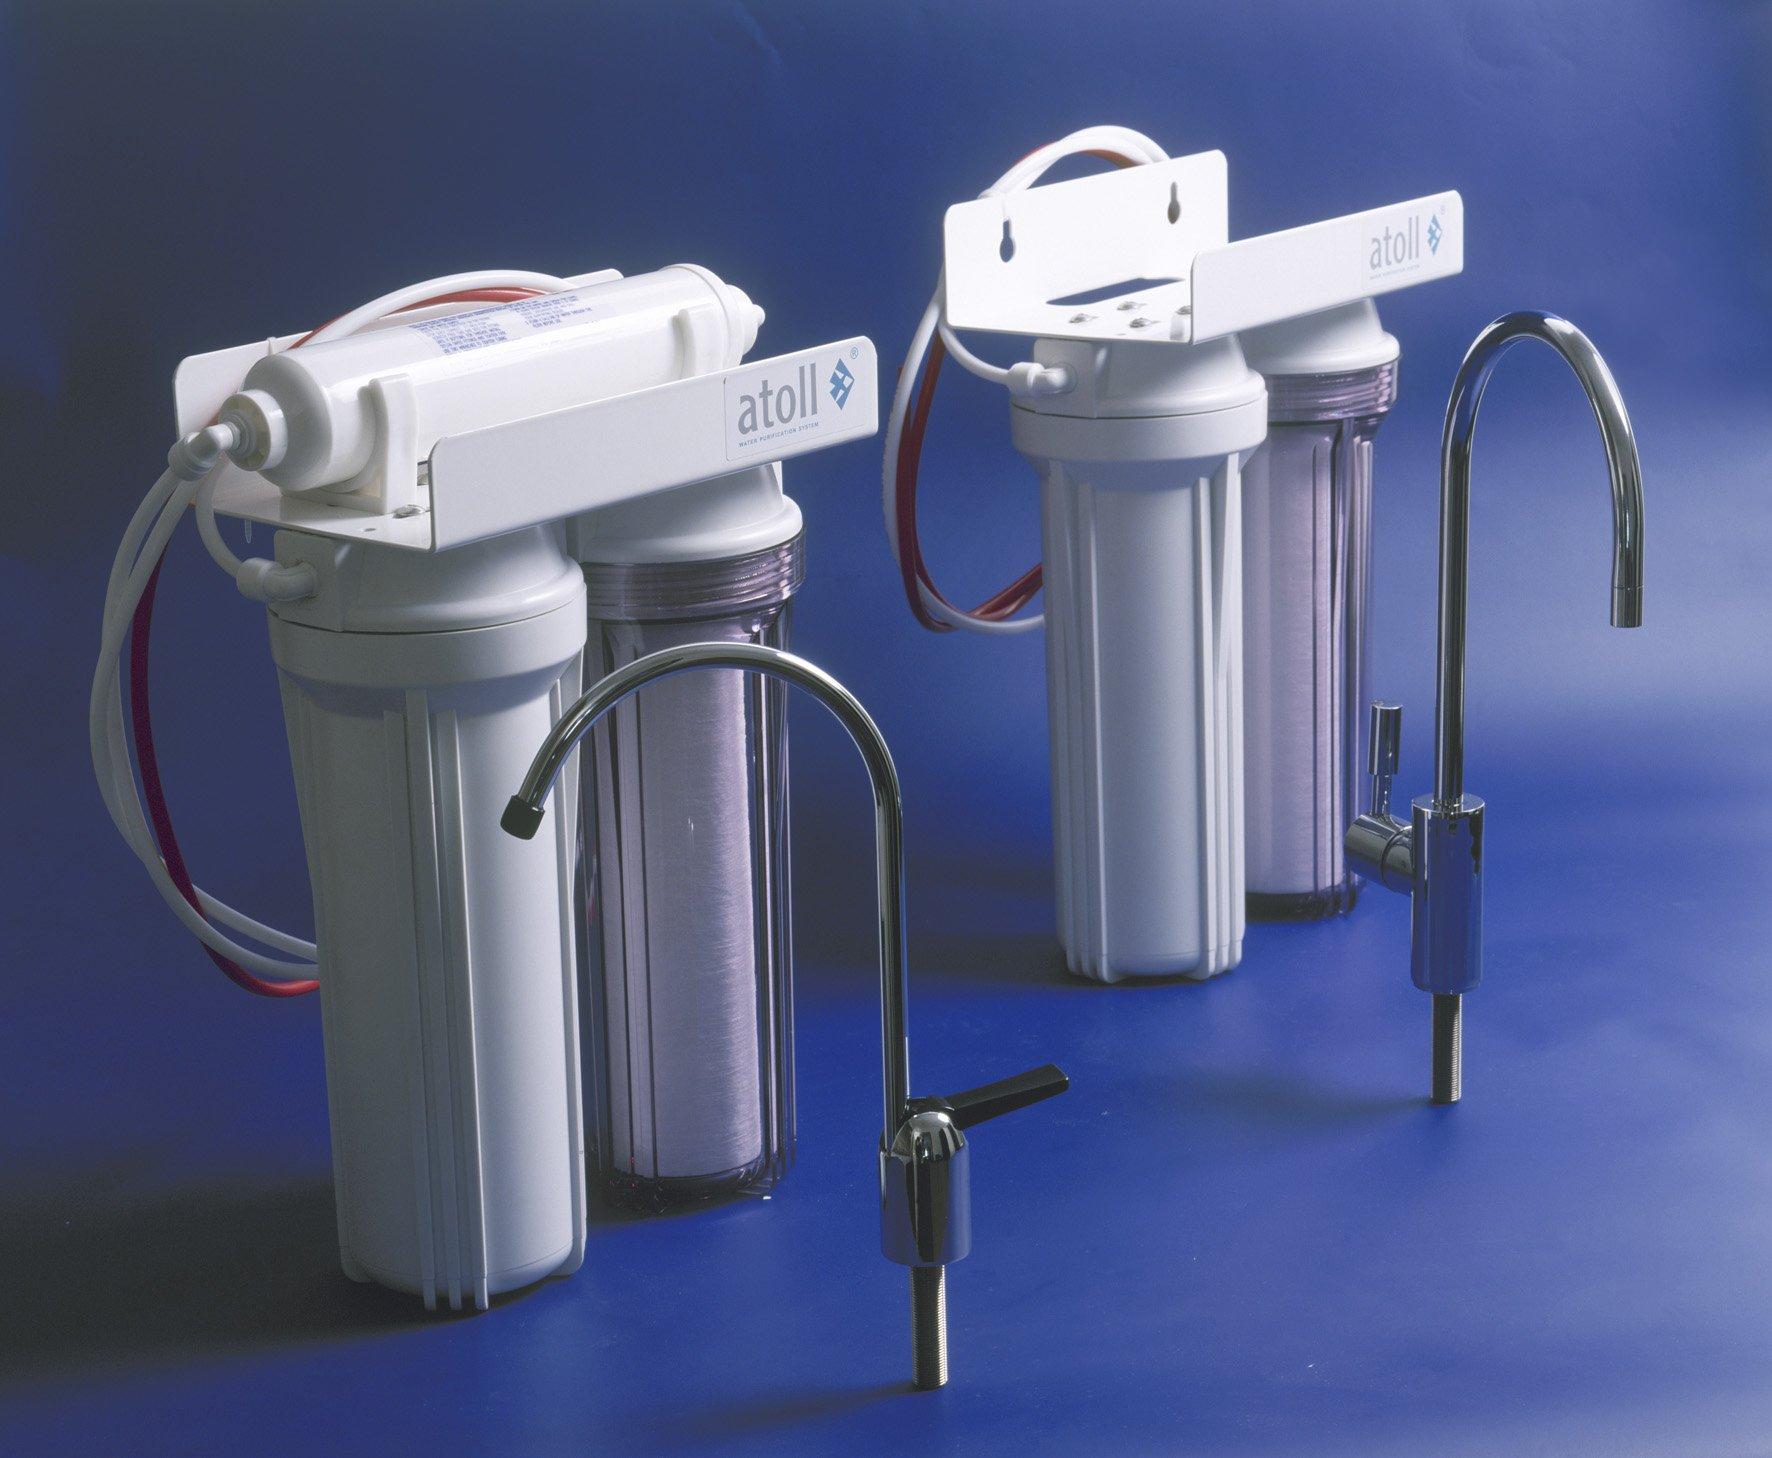 Фильтры для воды сохранят здоровье